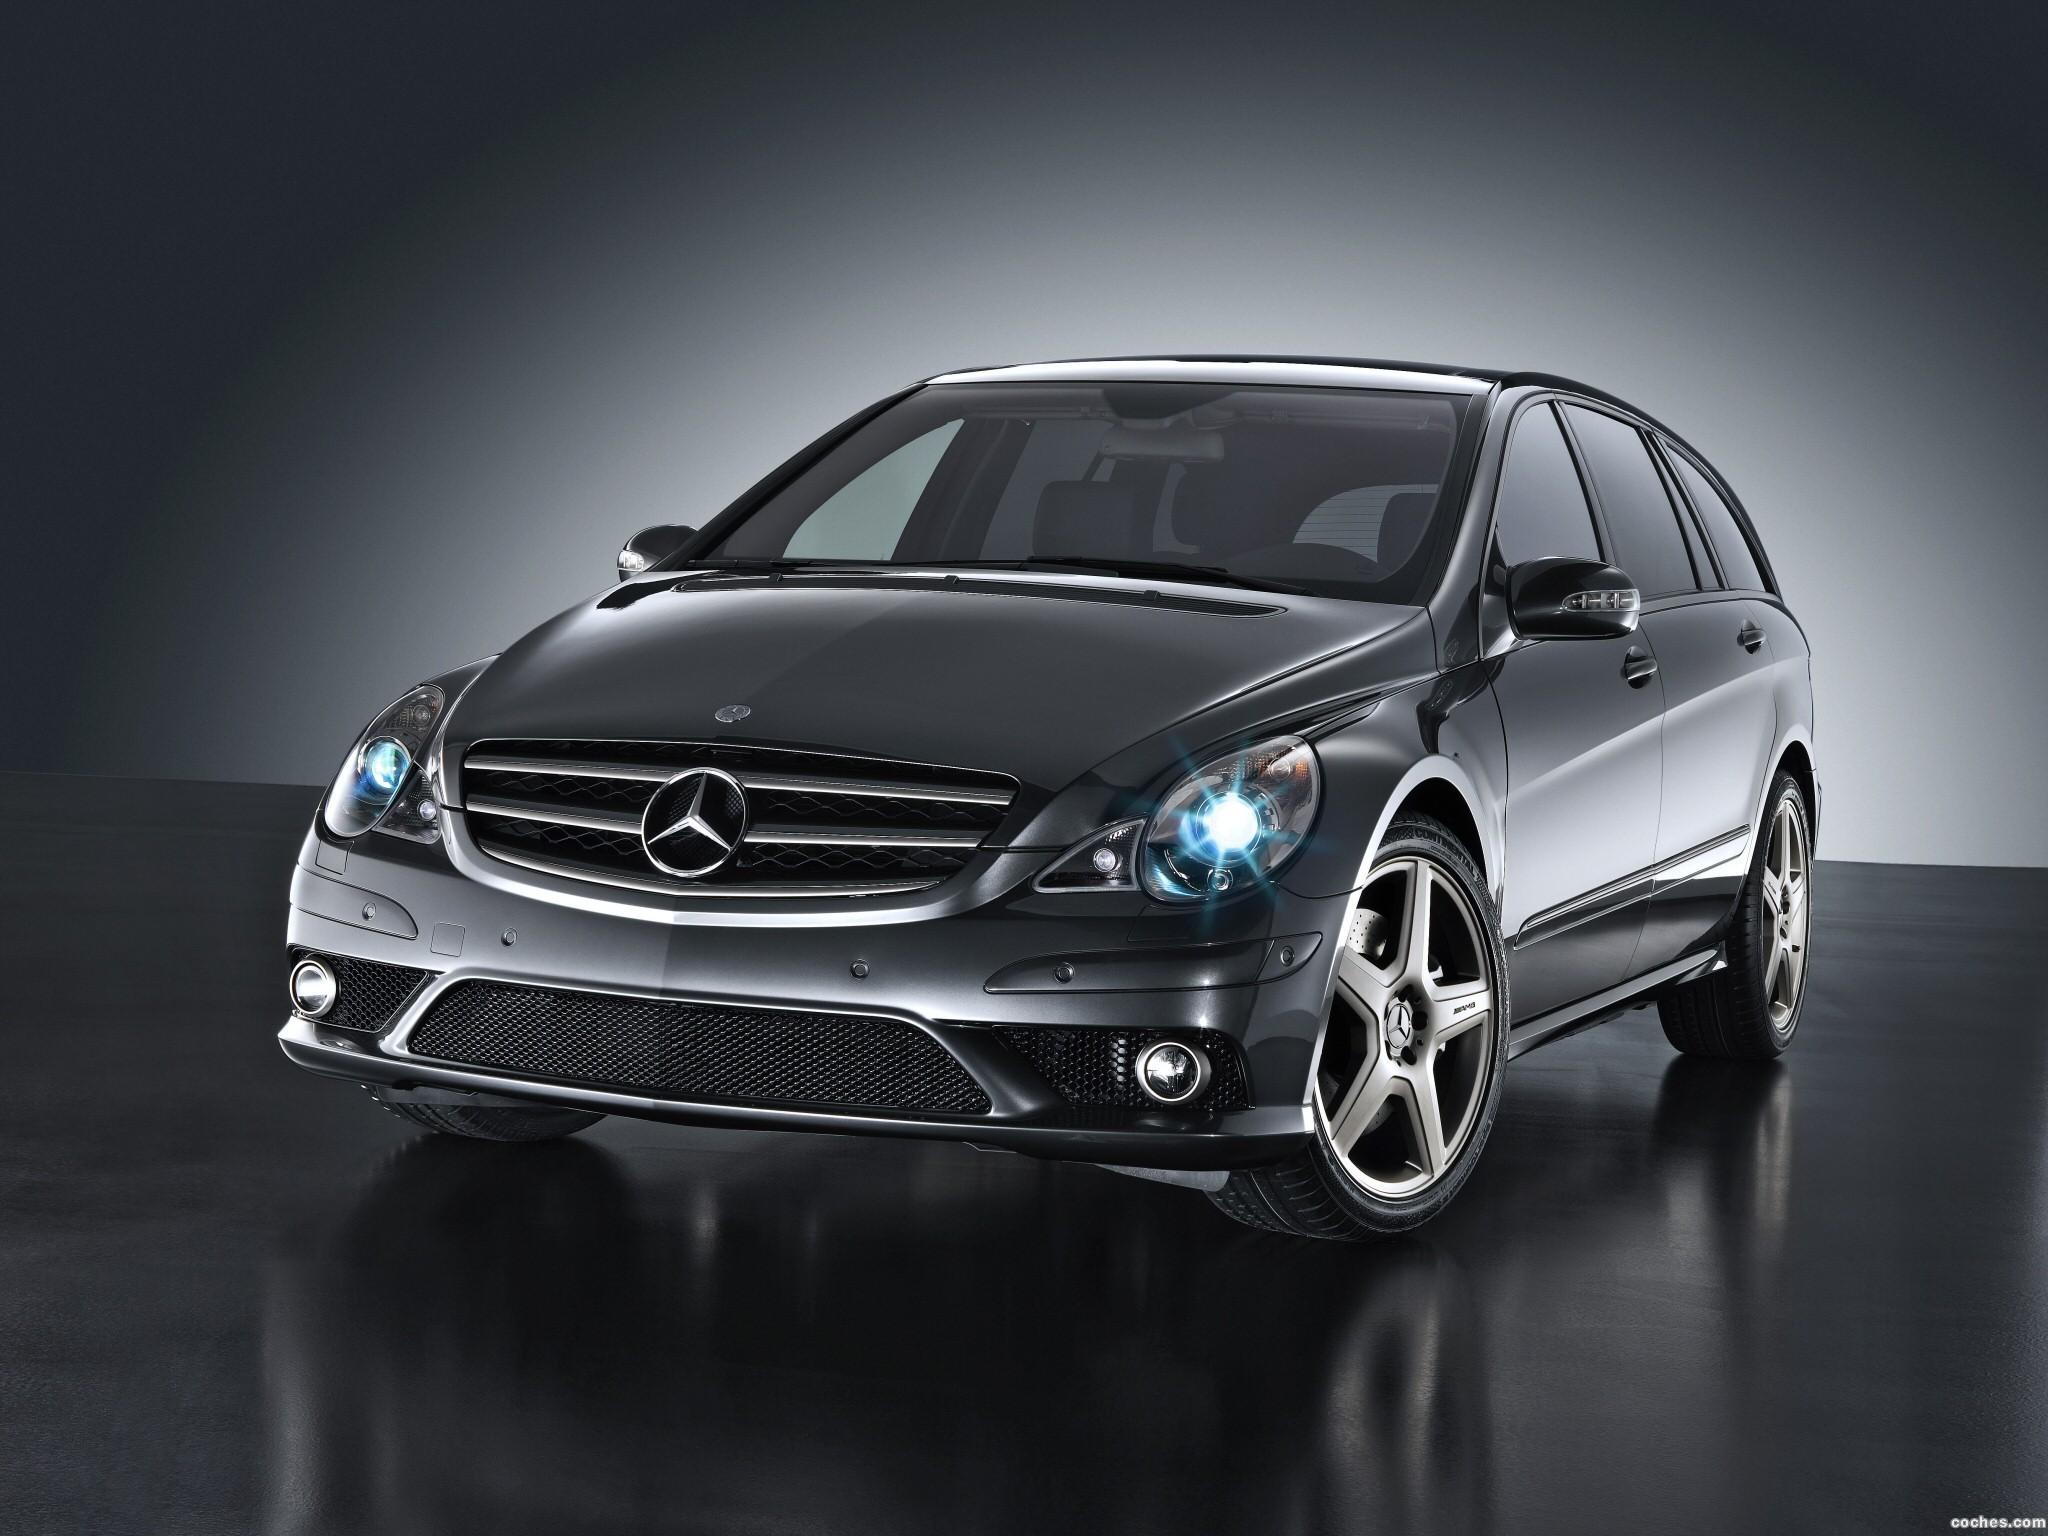 Foto 0 de Mercedes Clase R AMG 2006